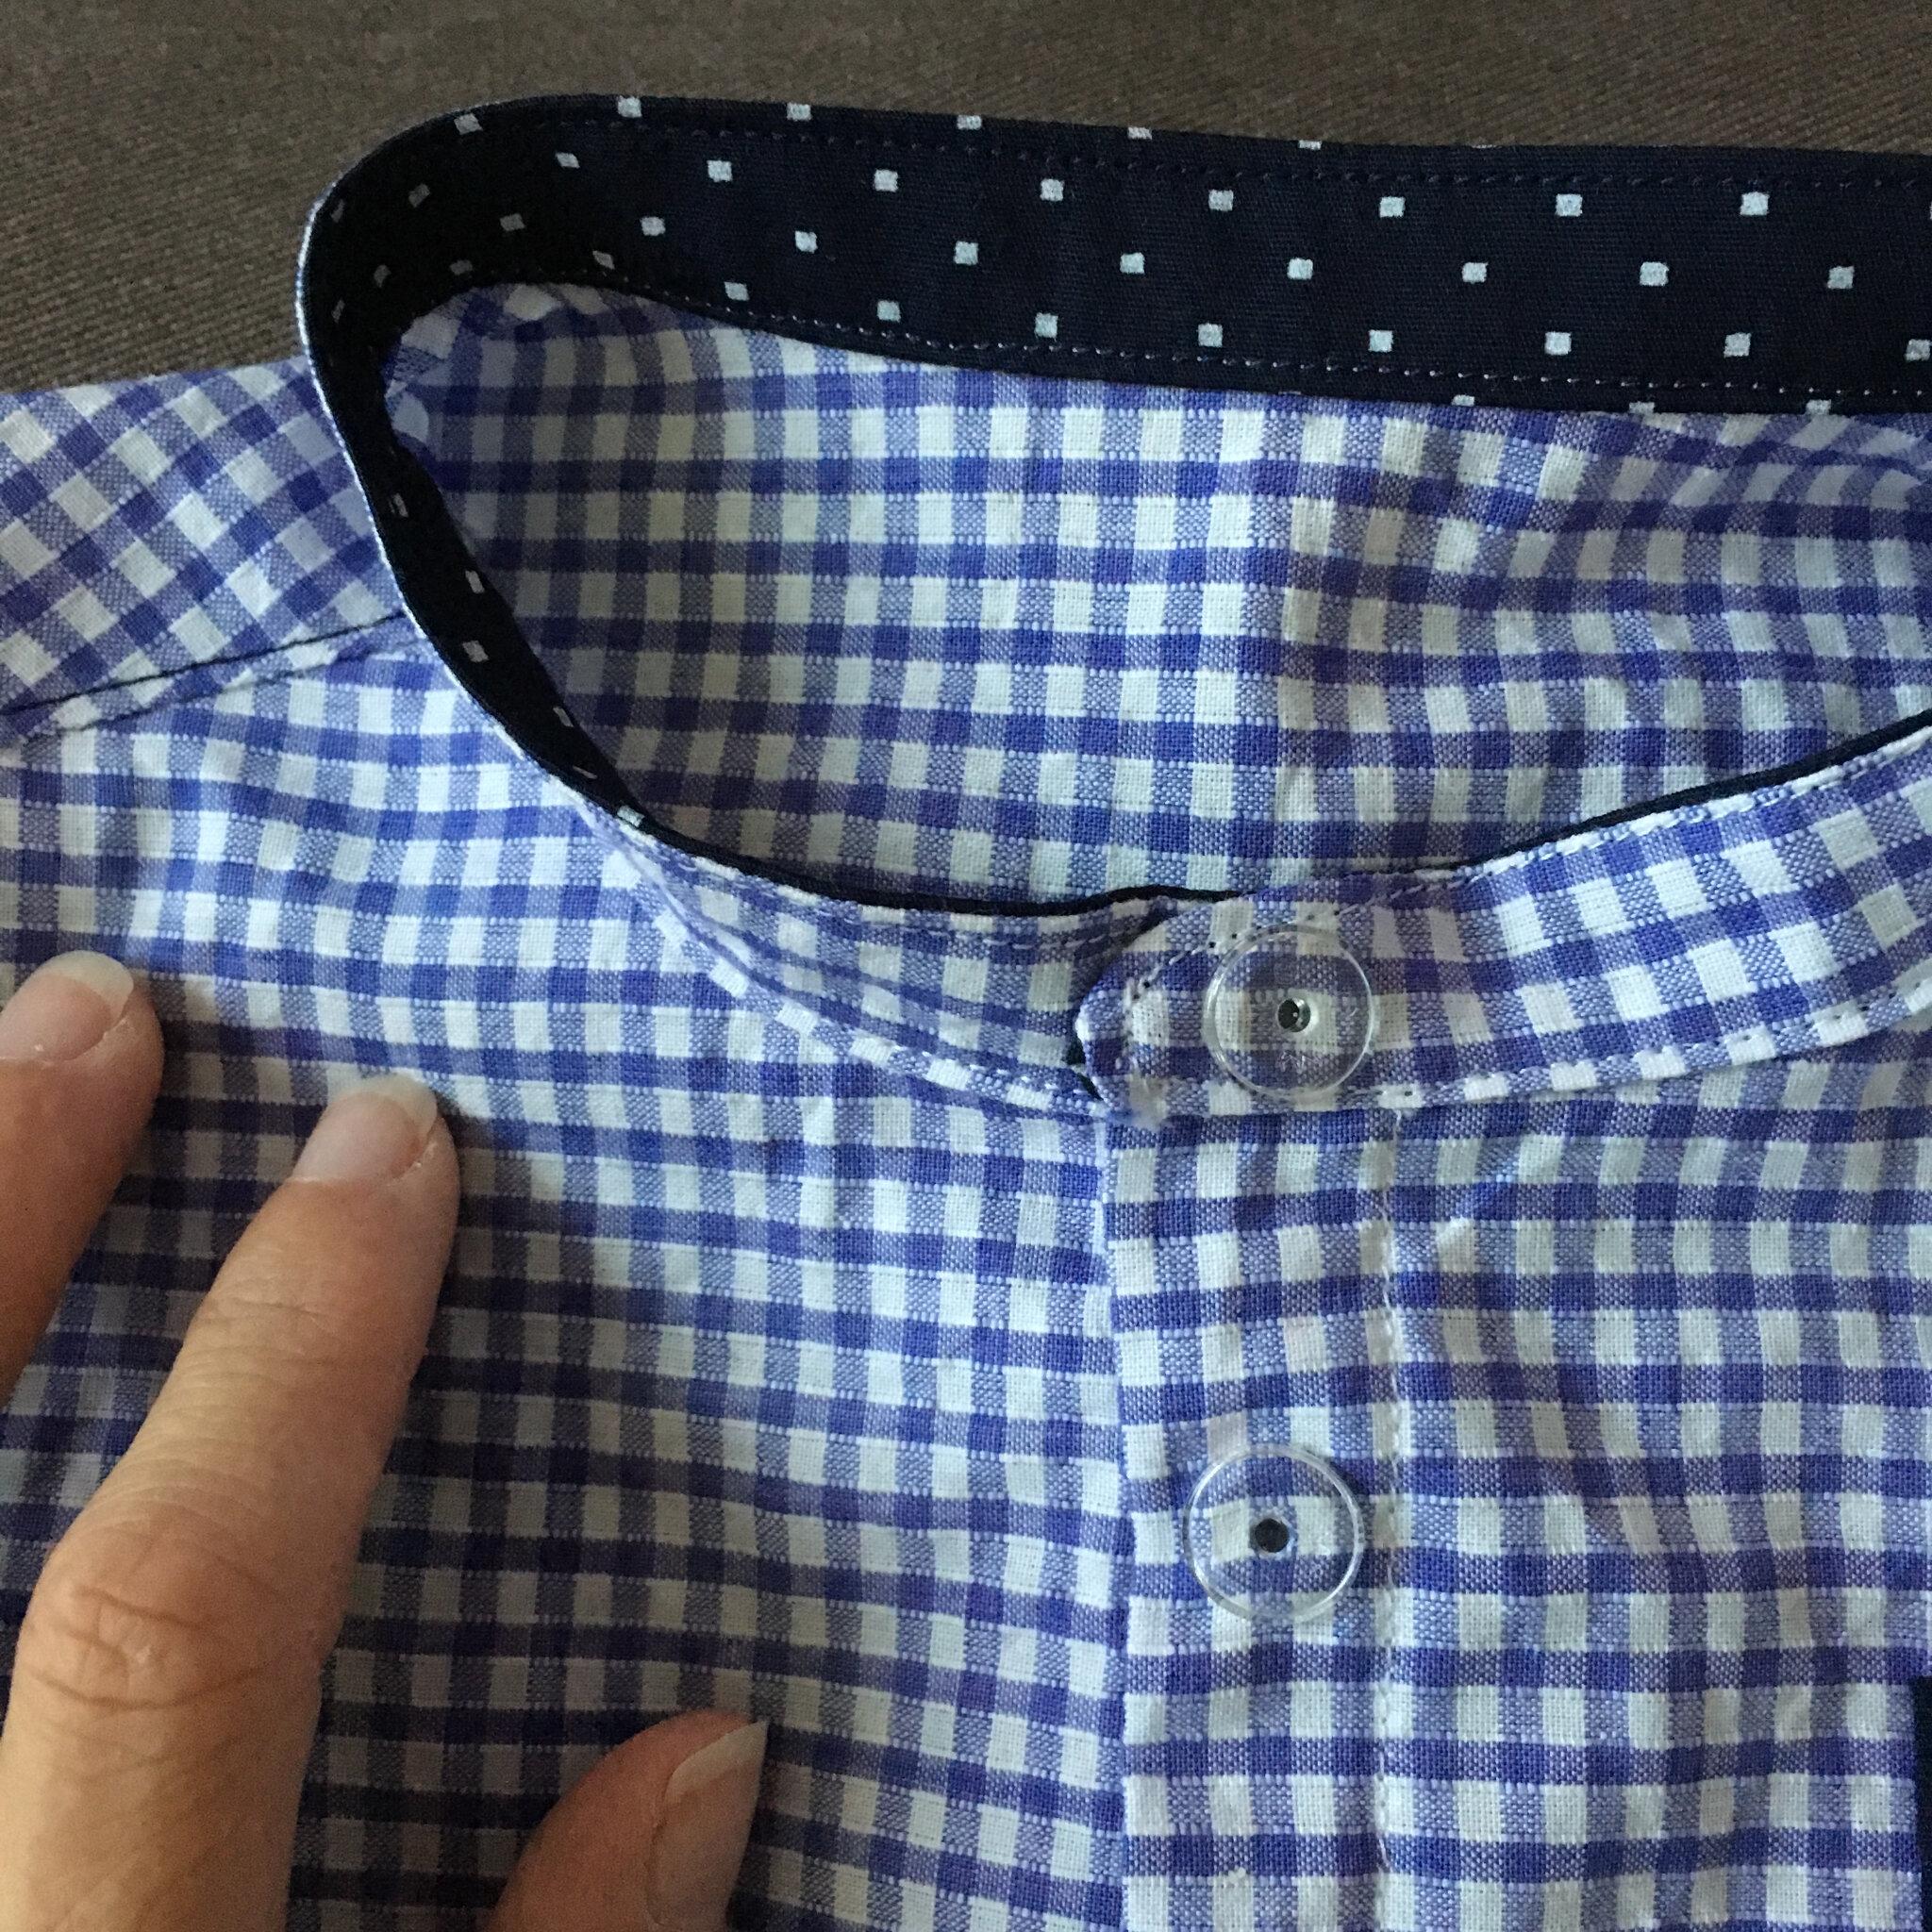 bd575e2badba7 Une chemisette Paris de Ikatee - Fil   Feelings by Ingrid H